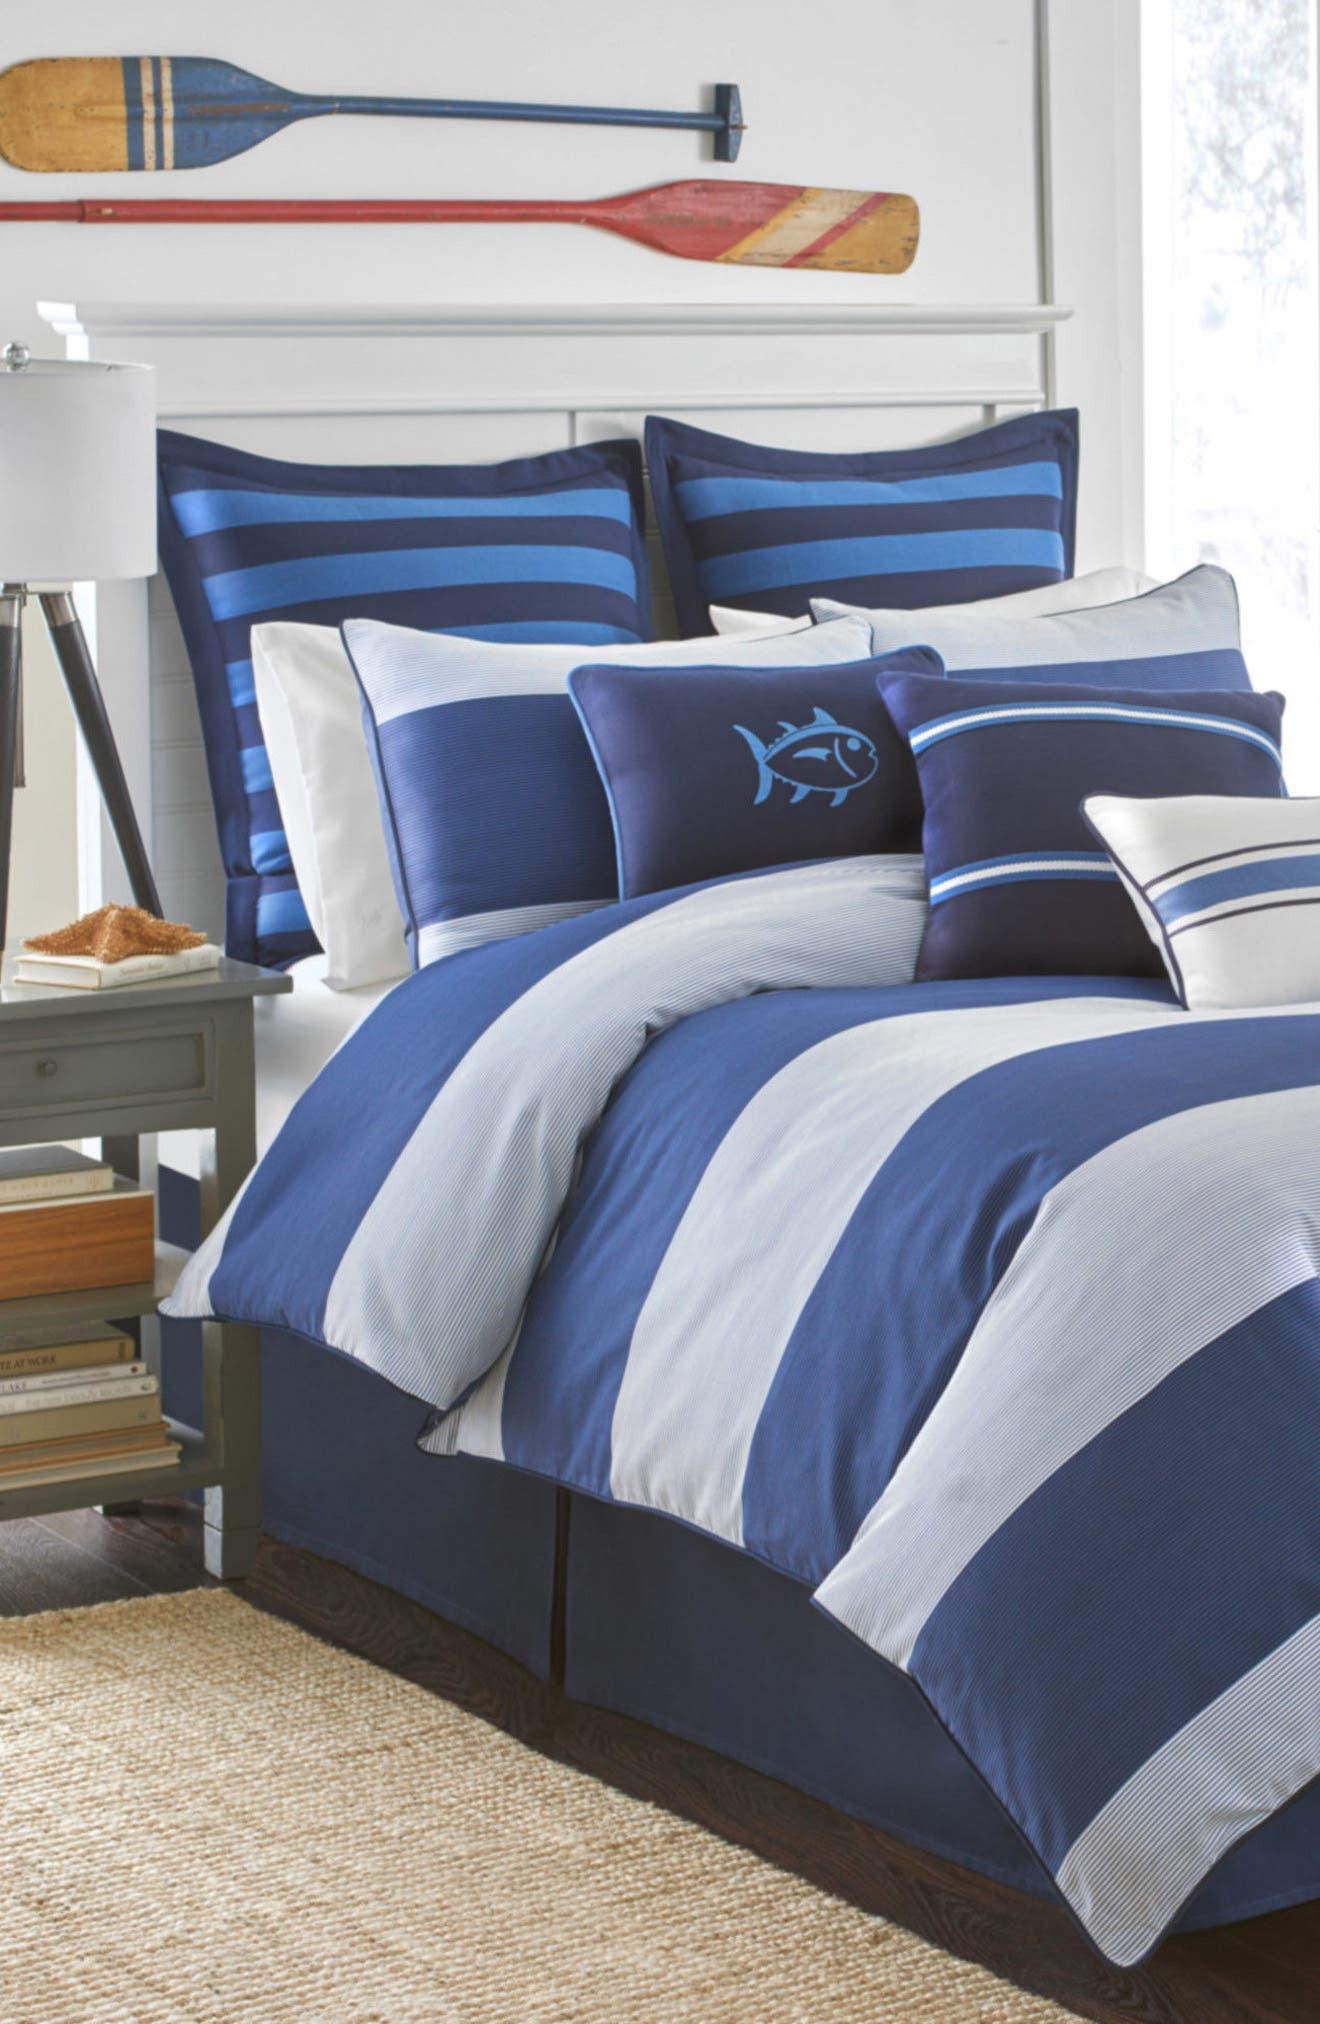 Alternate Image 1 Selected - Southern Tide Dock Street Comforter, Sham & Bed Skirt Set